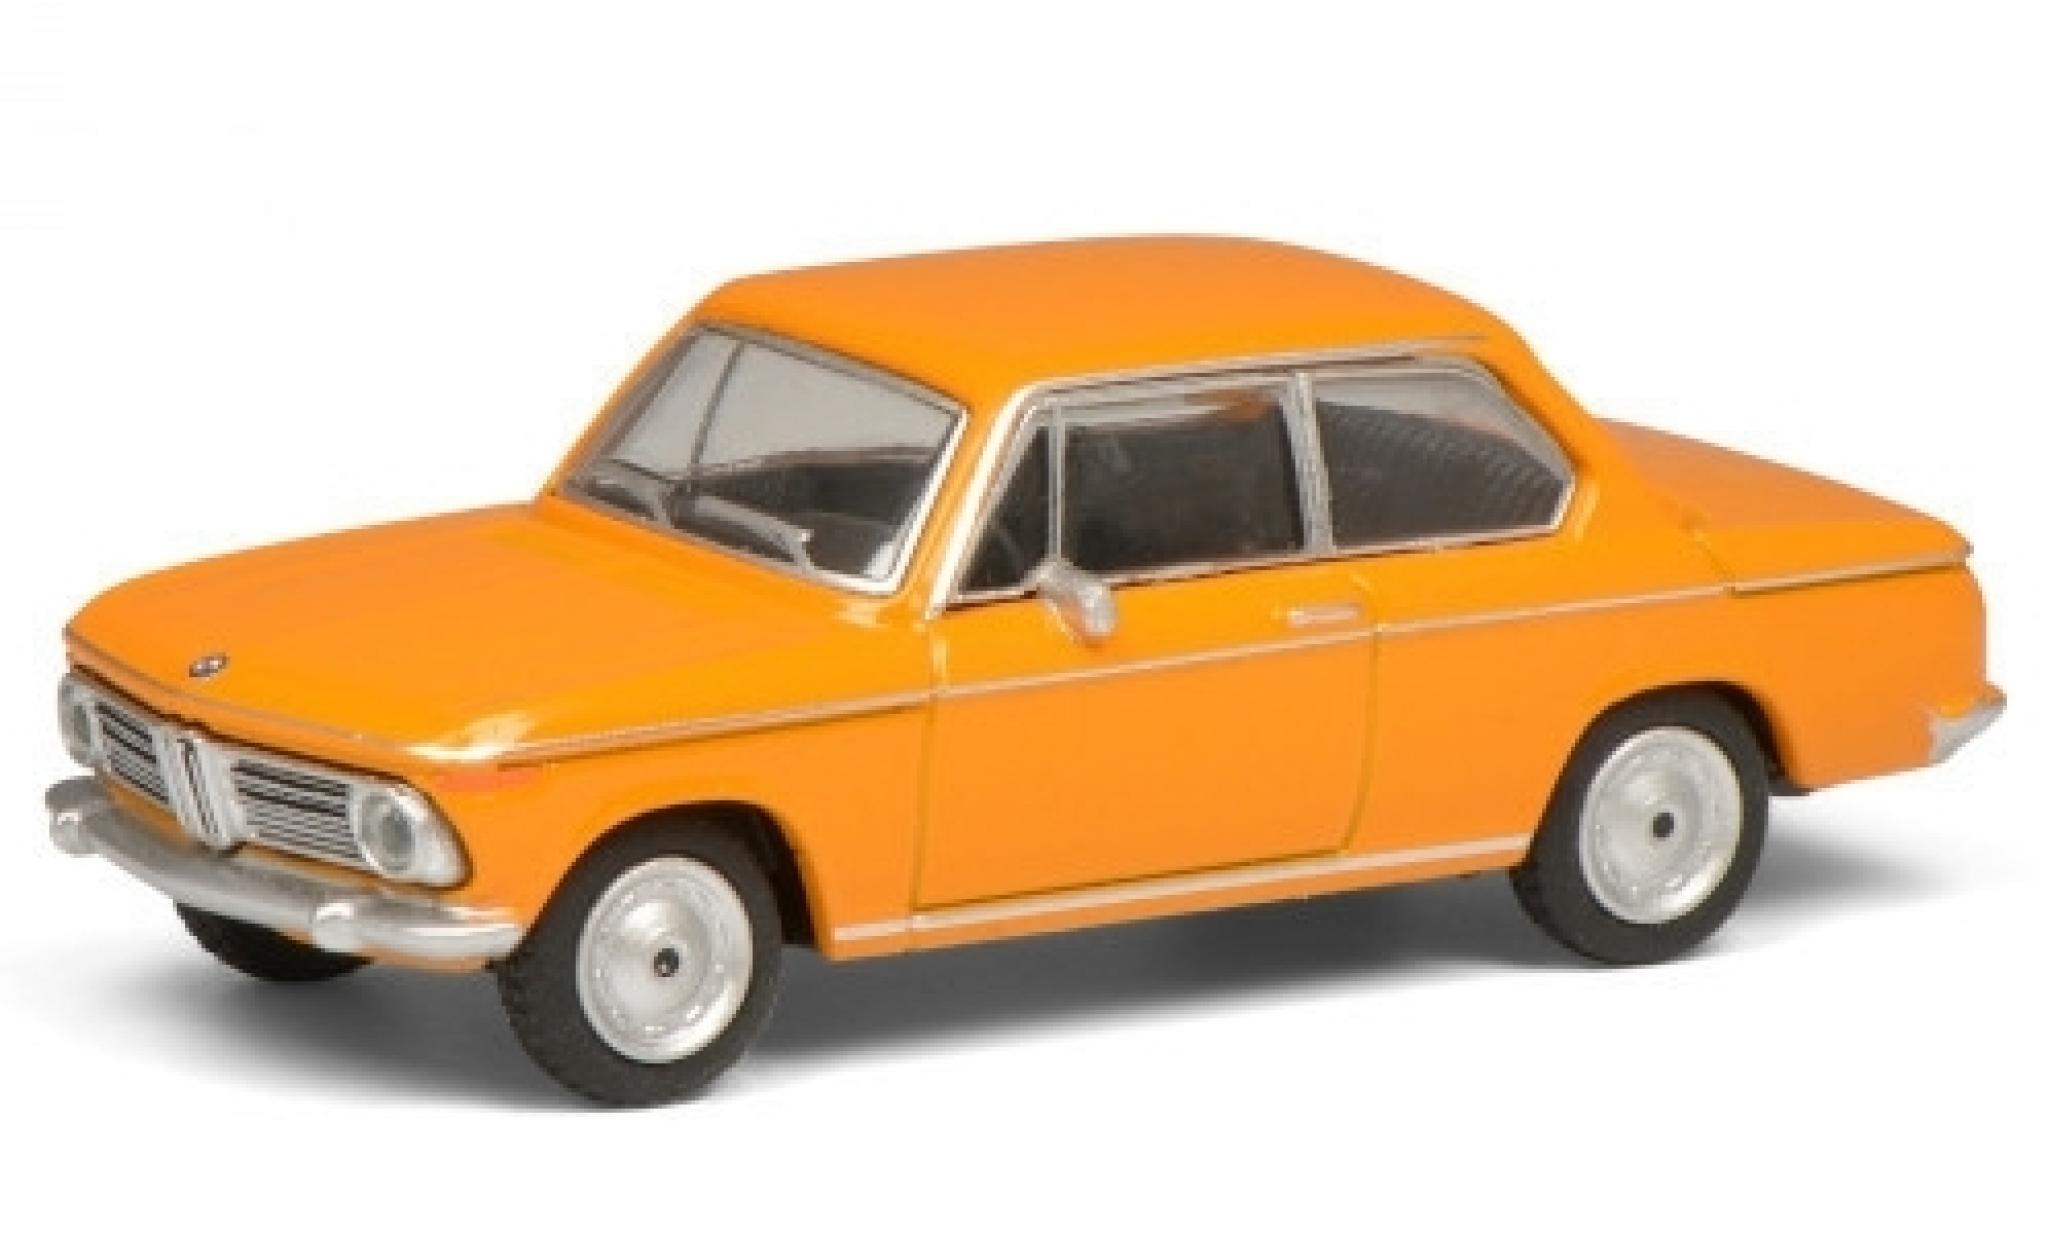 Bmw 2002 1/64 Schuco orange